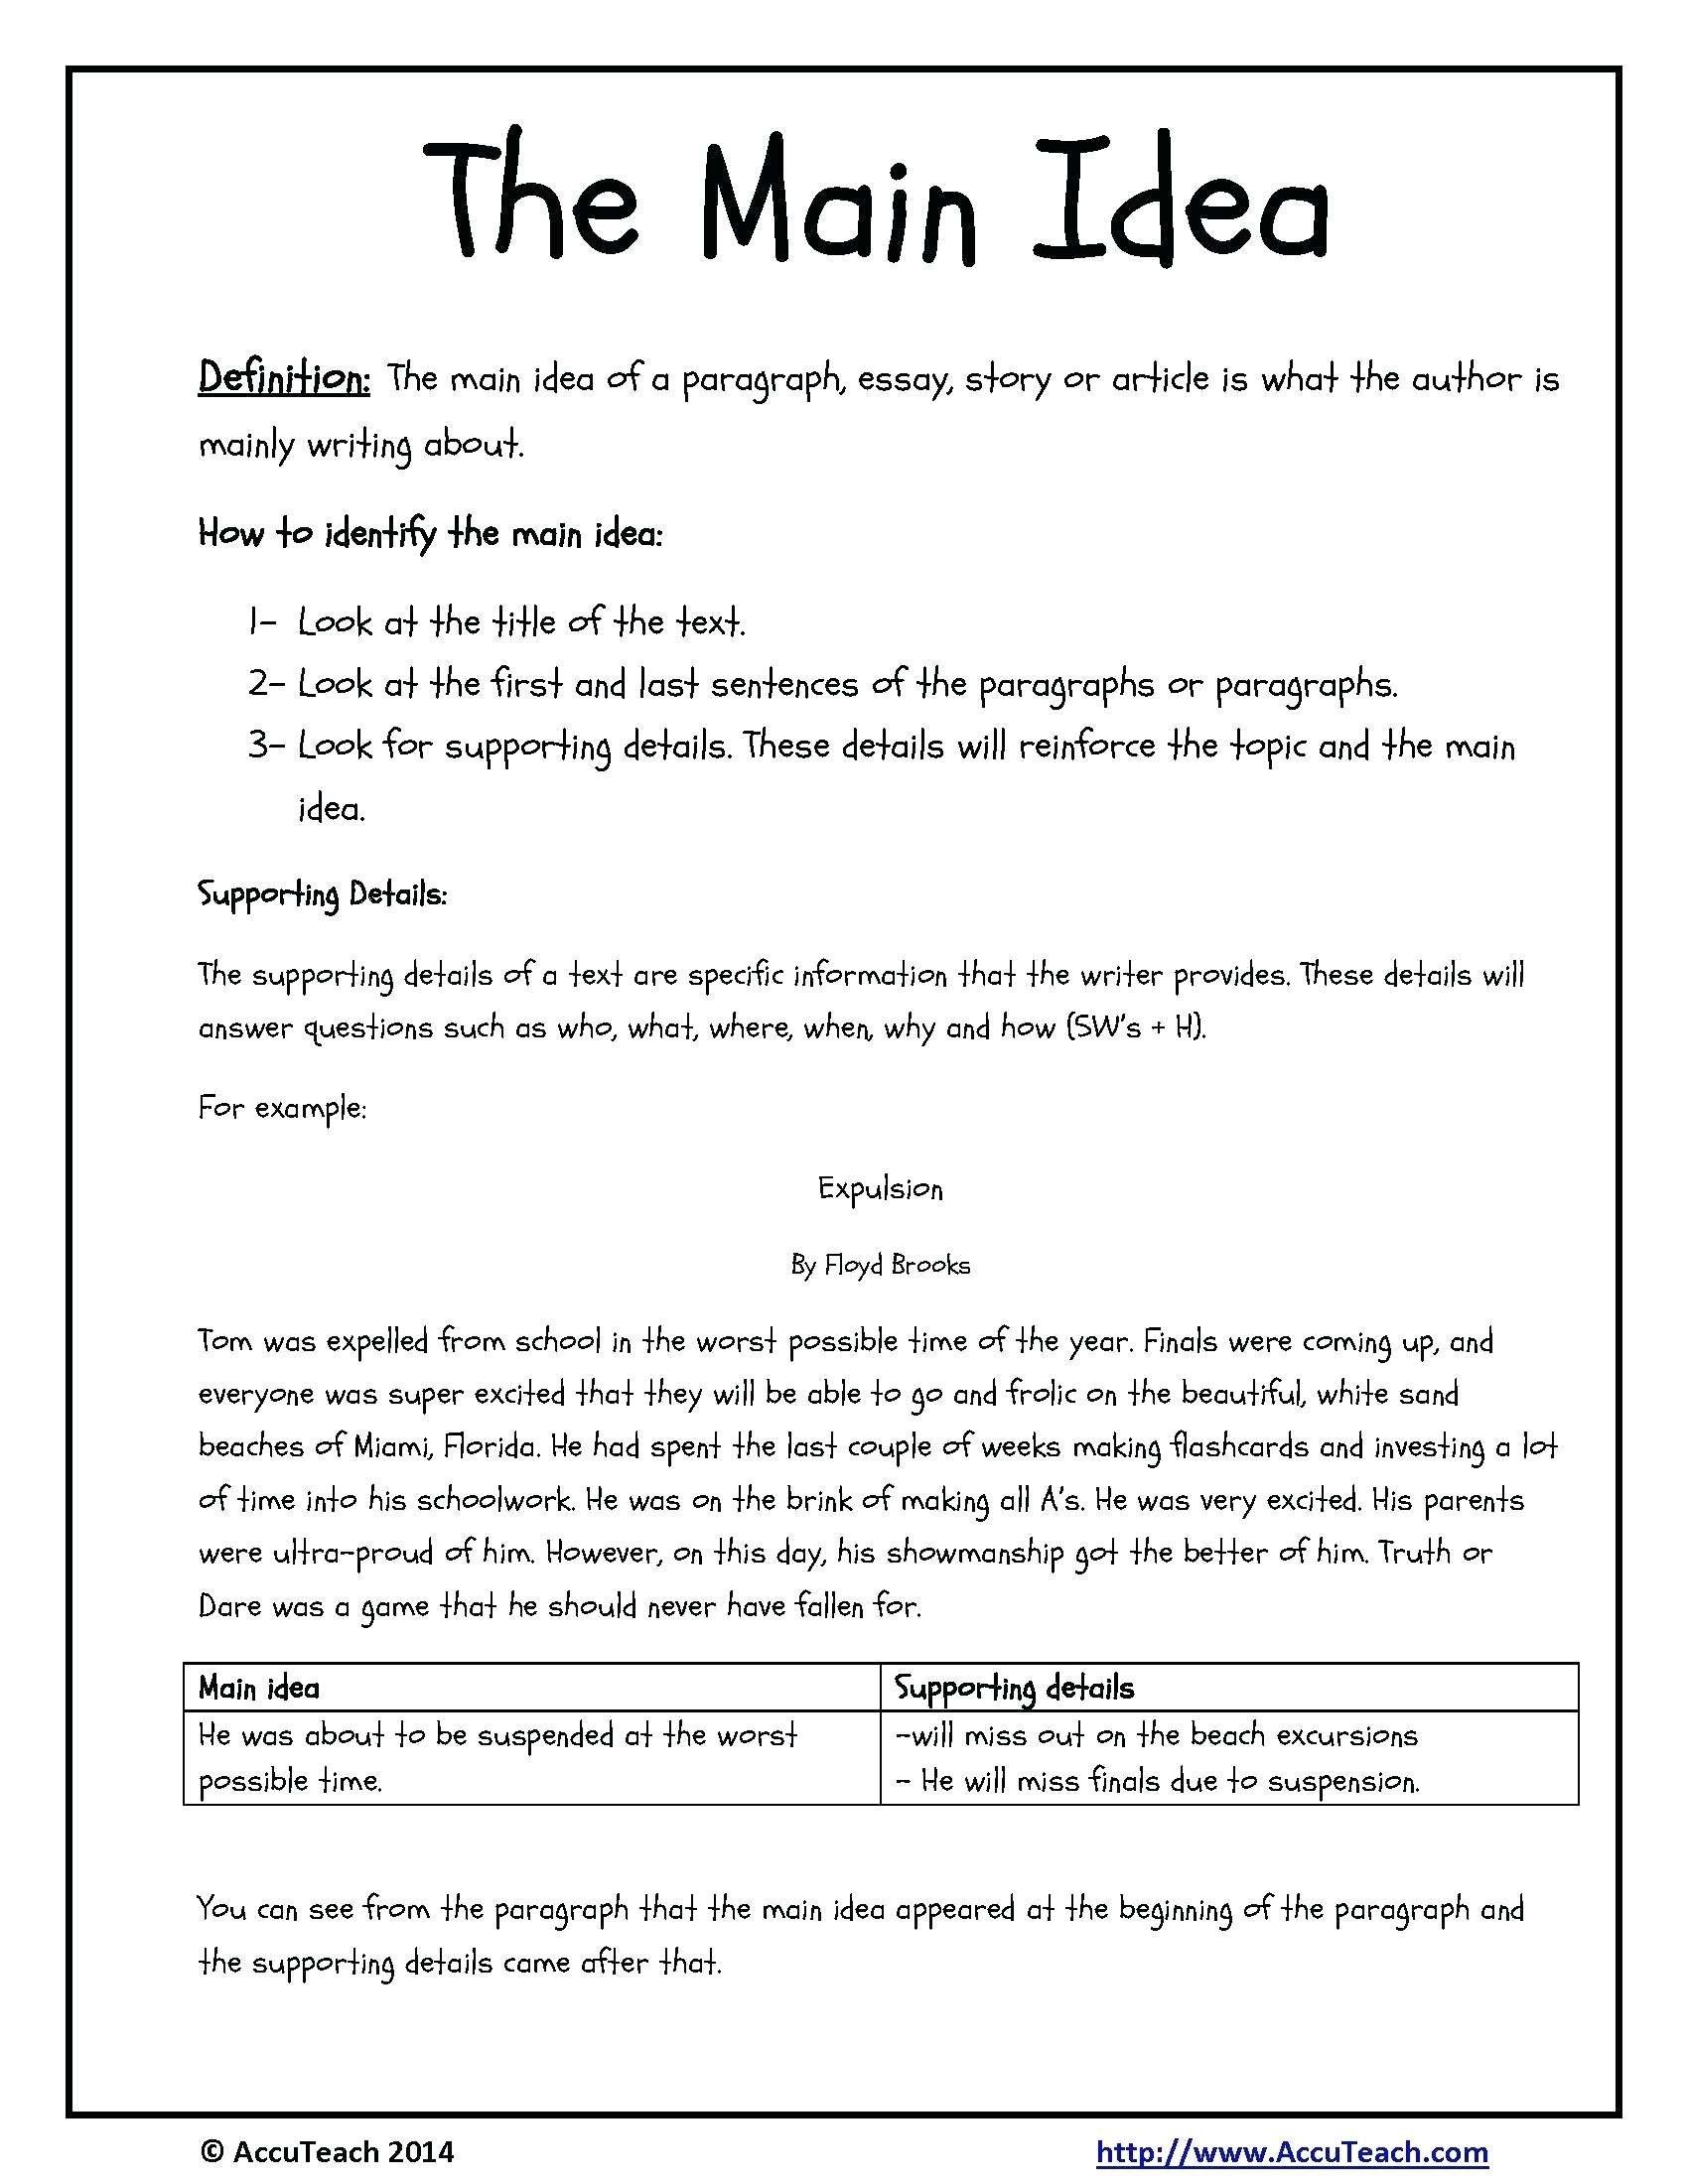 10 Great Main Idea Worksheet 4Th Grade kindergarten worksheet multiple choice main idea worksheets free 5 2021